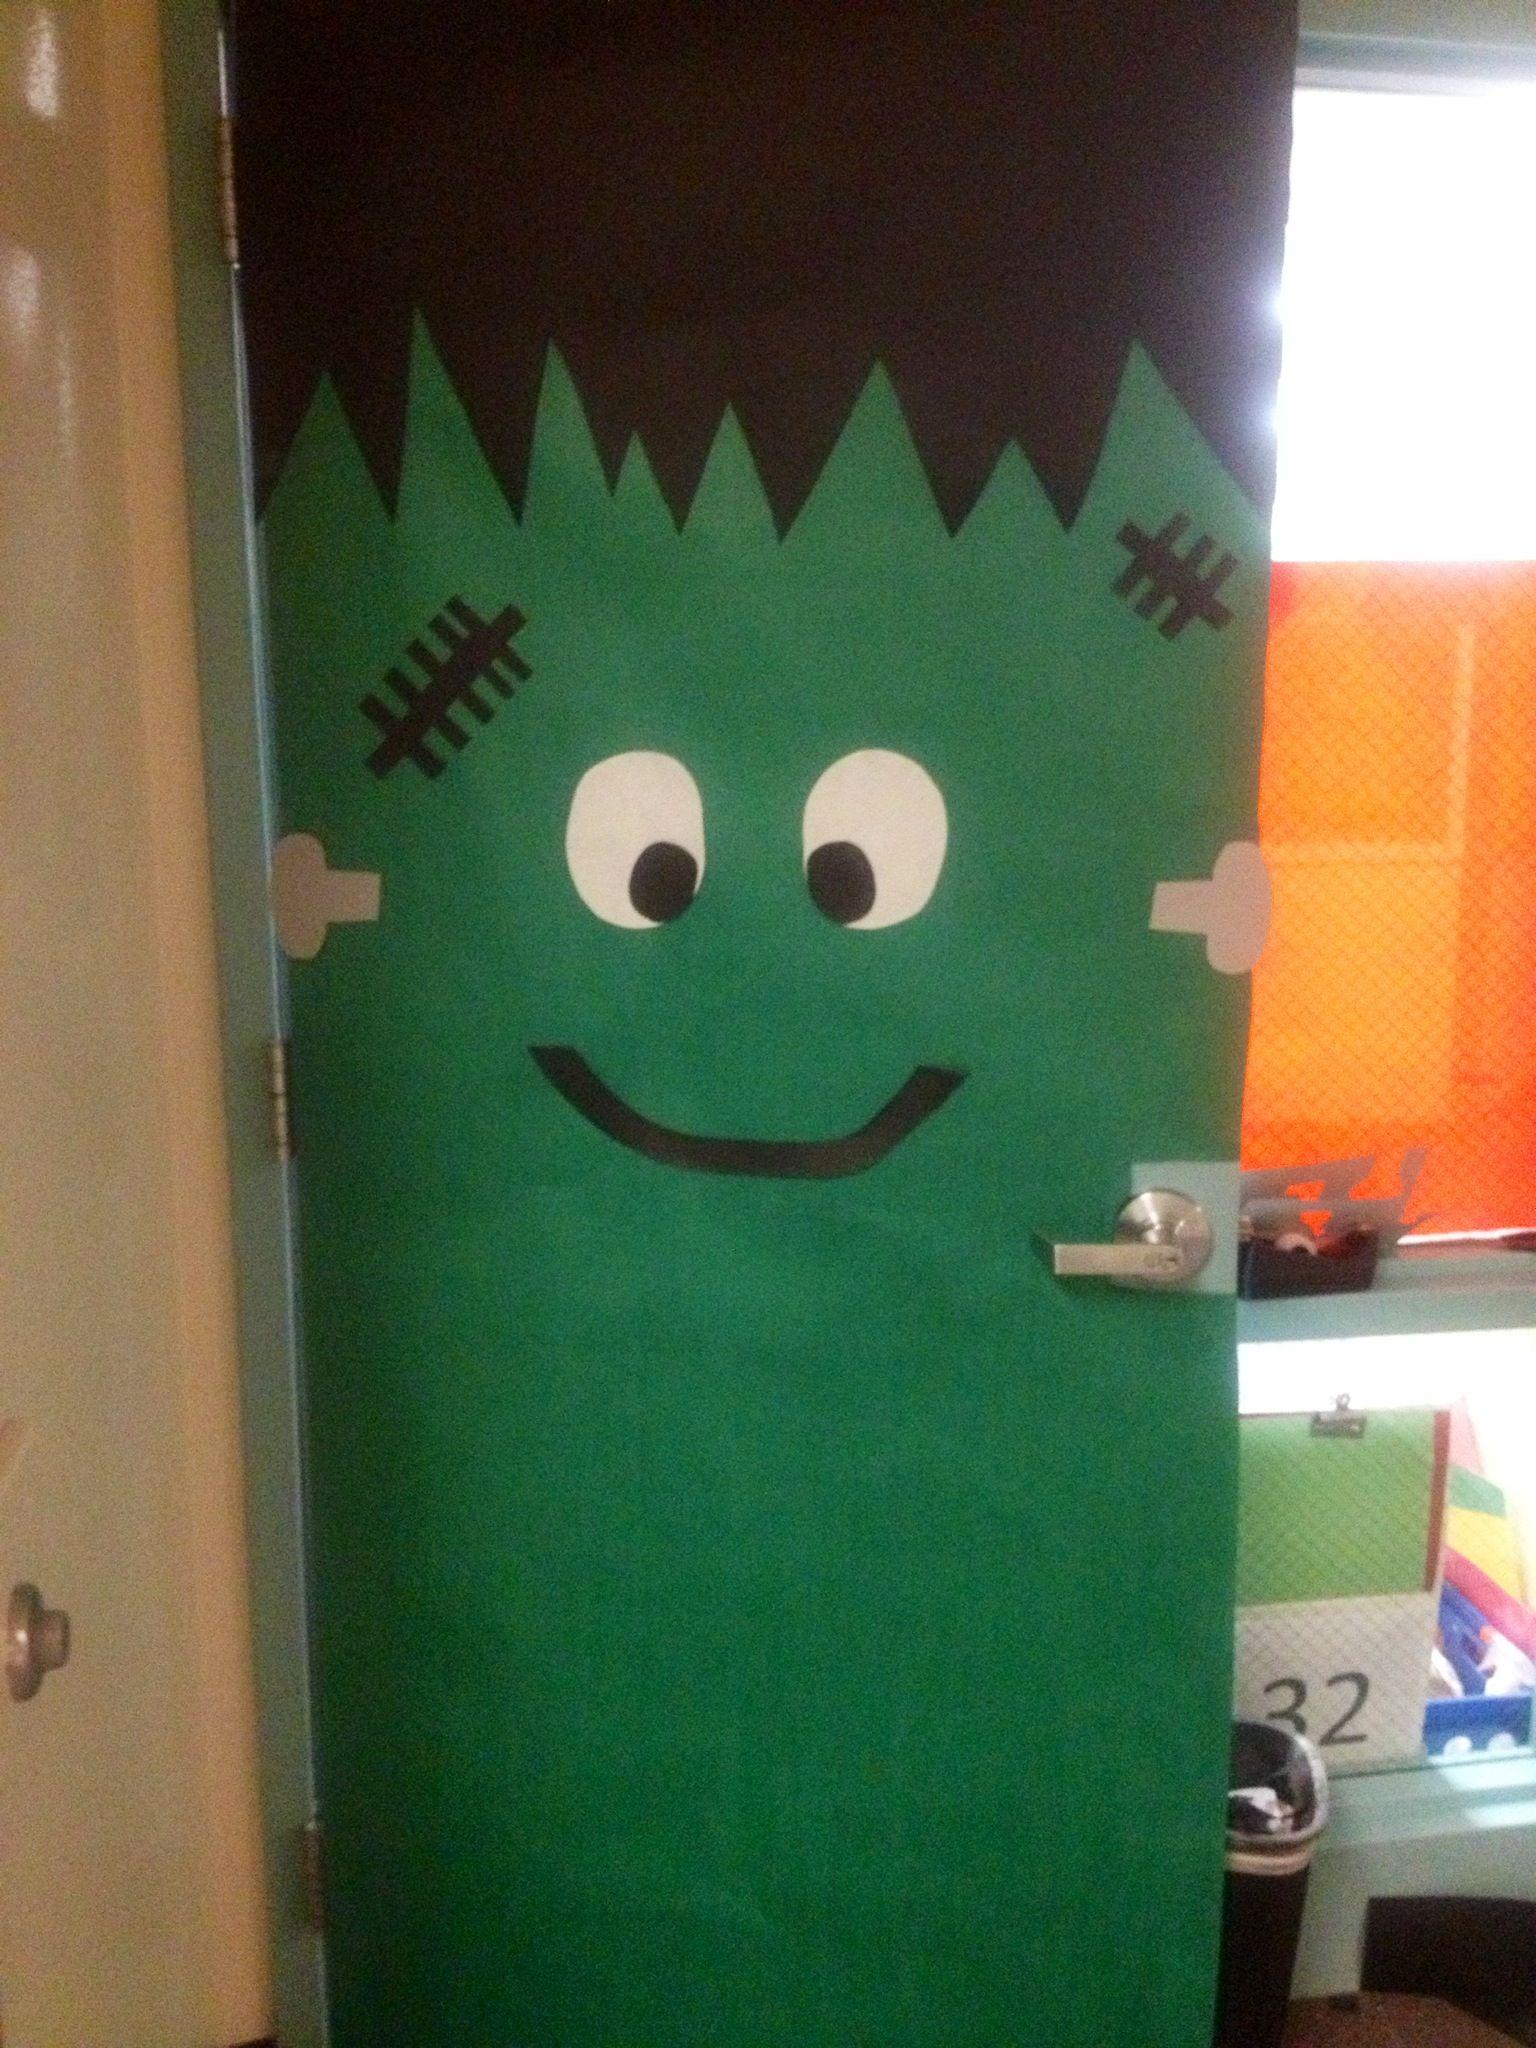 Frankenstein door decoration & Frankenstein door decoration | Things Iu0027ve Made :) - By Sheri ...